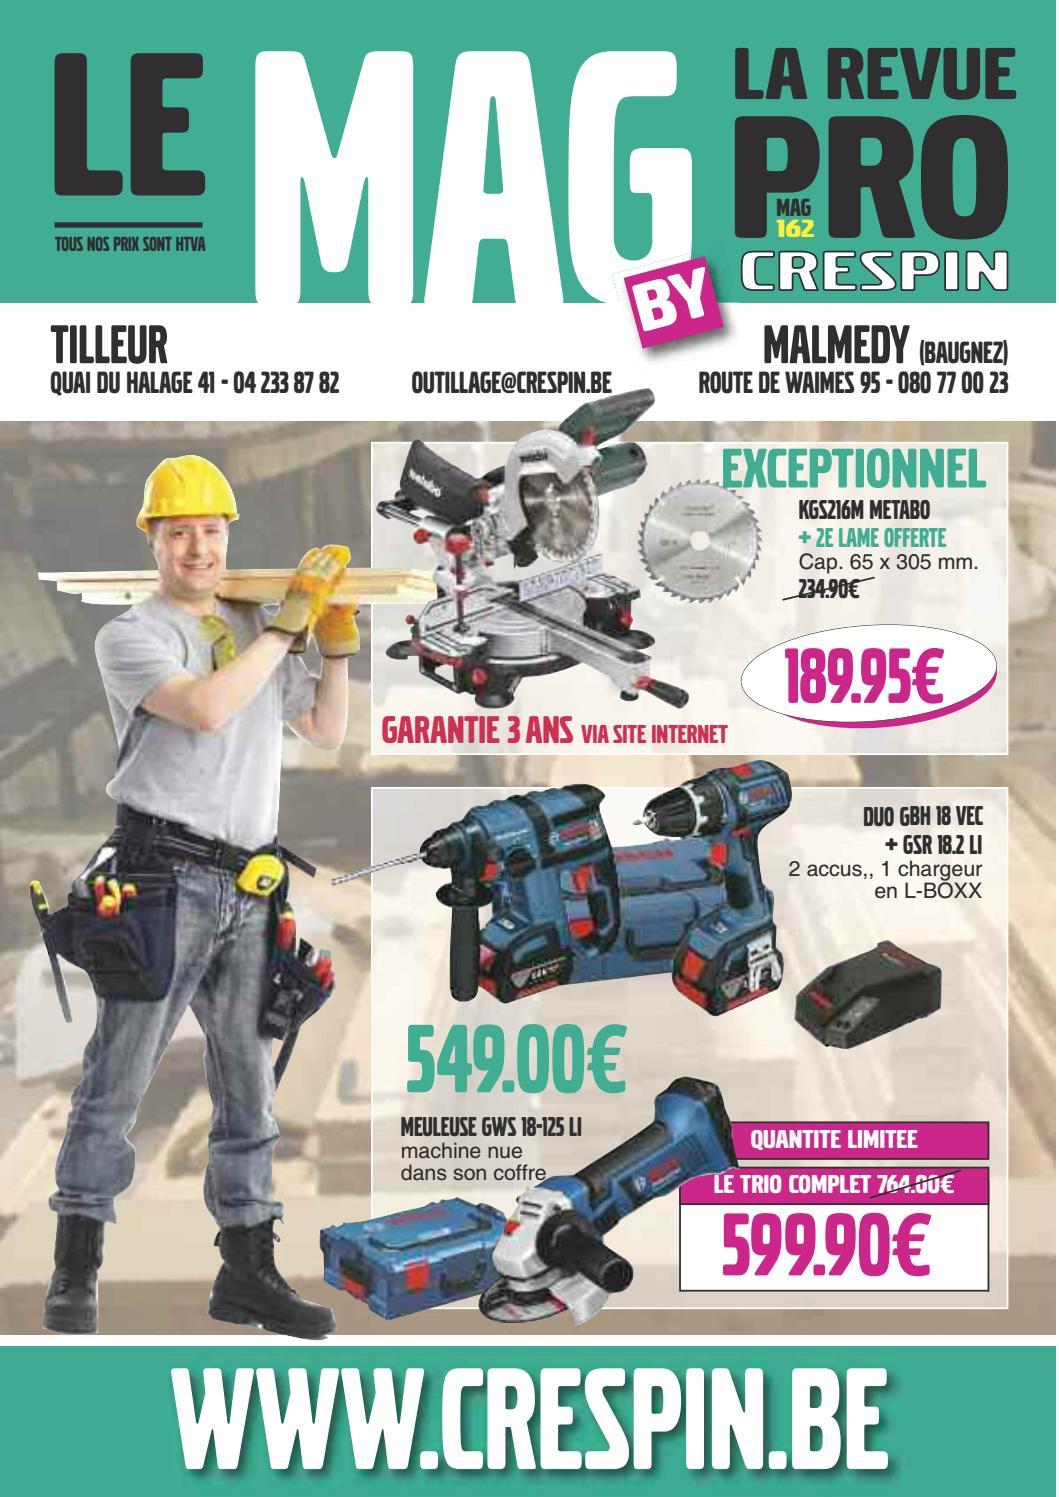 2x Bosch 2607010906 Set de 6 Lames de scie sauteuse wood and metal 922 ef// s 922 bf // s 1122 ef// s 1122 bf// s 1122 vf